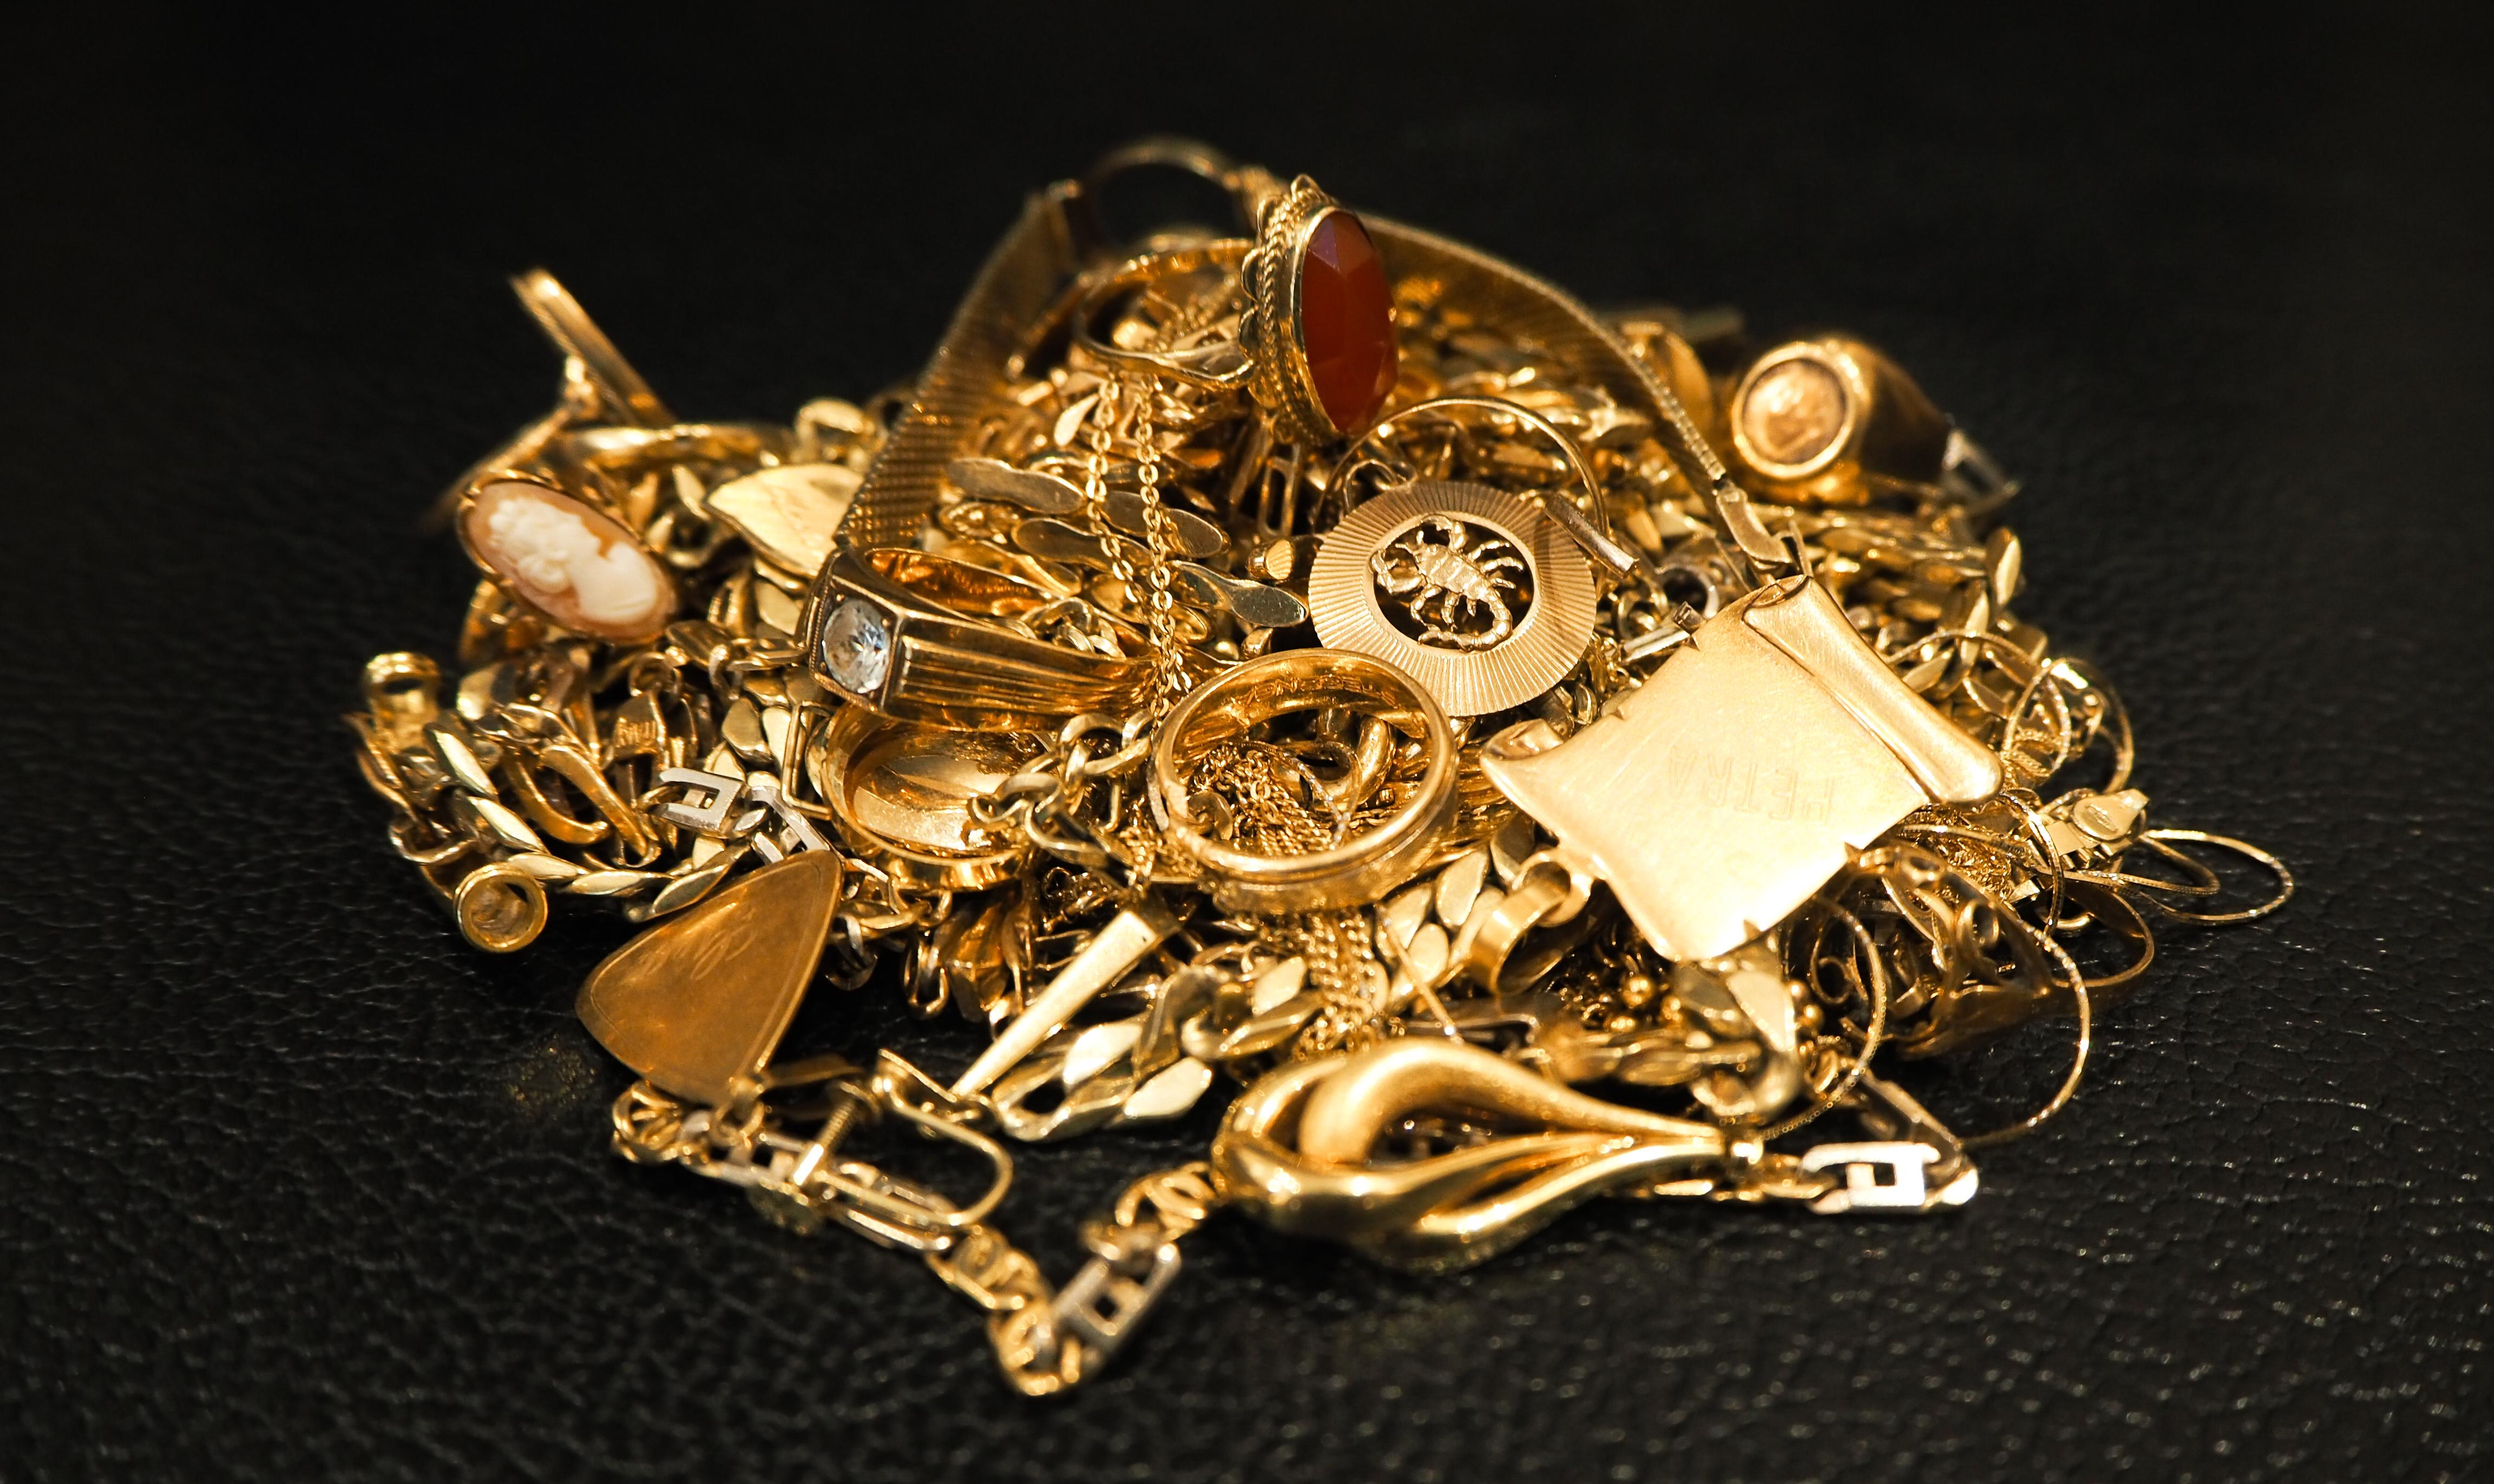 van 'oud goud' een sieraad naar wens Wolters Juweliers Coevorden Emmen